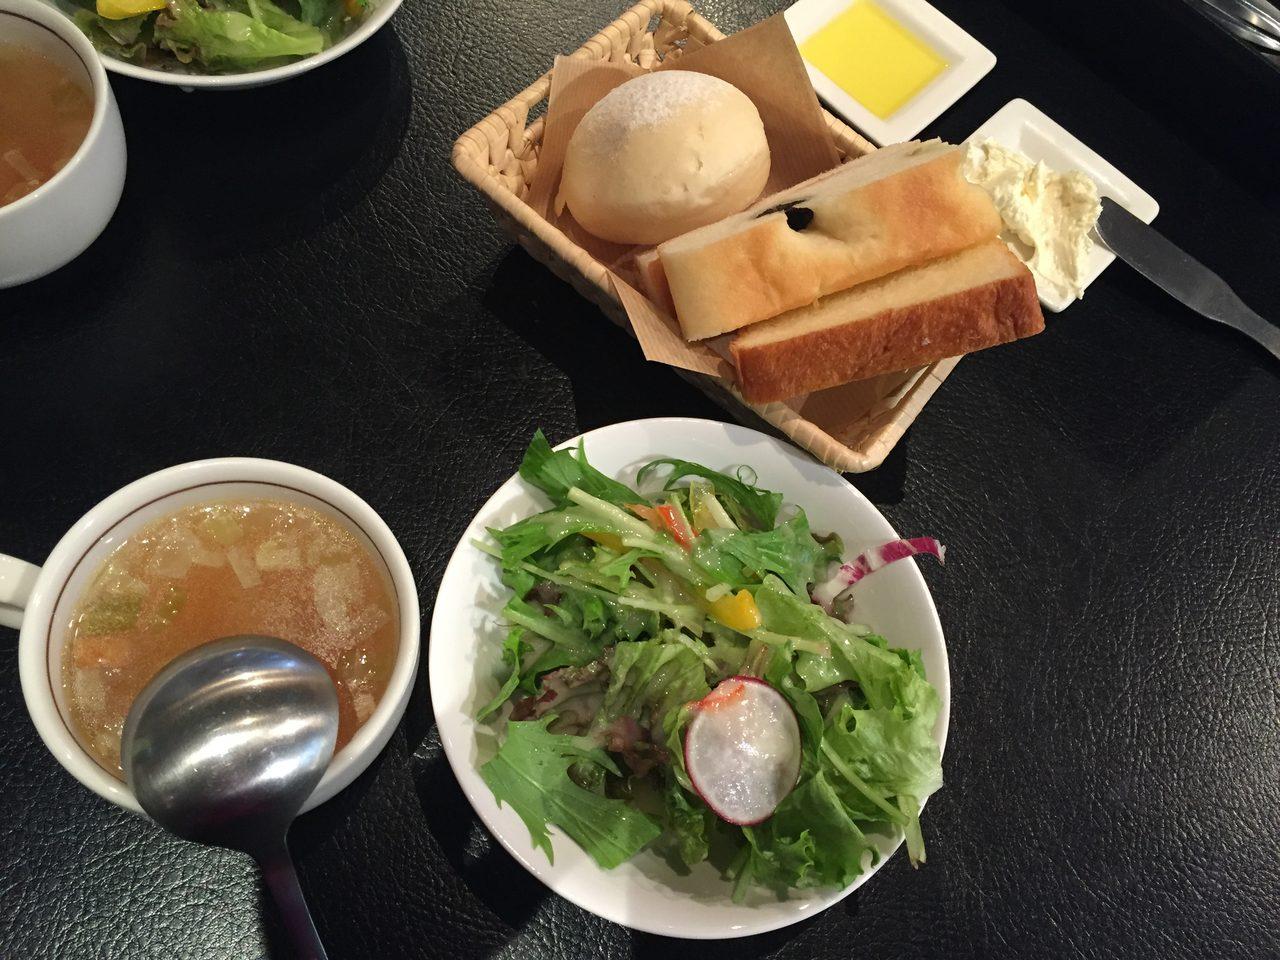 画像5: 手作りパンが食べ放題!?